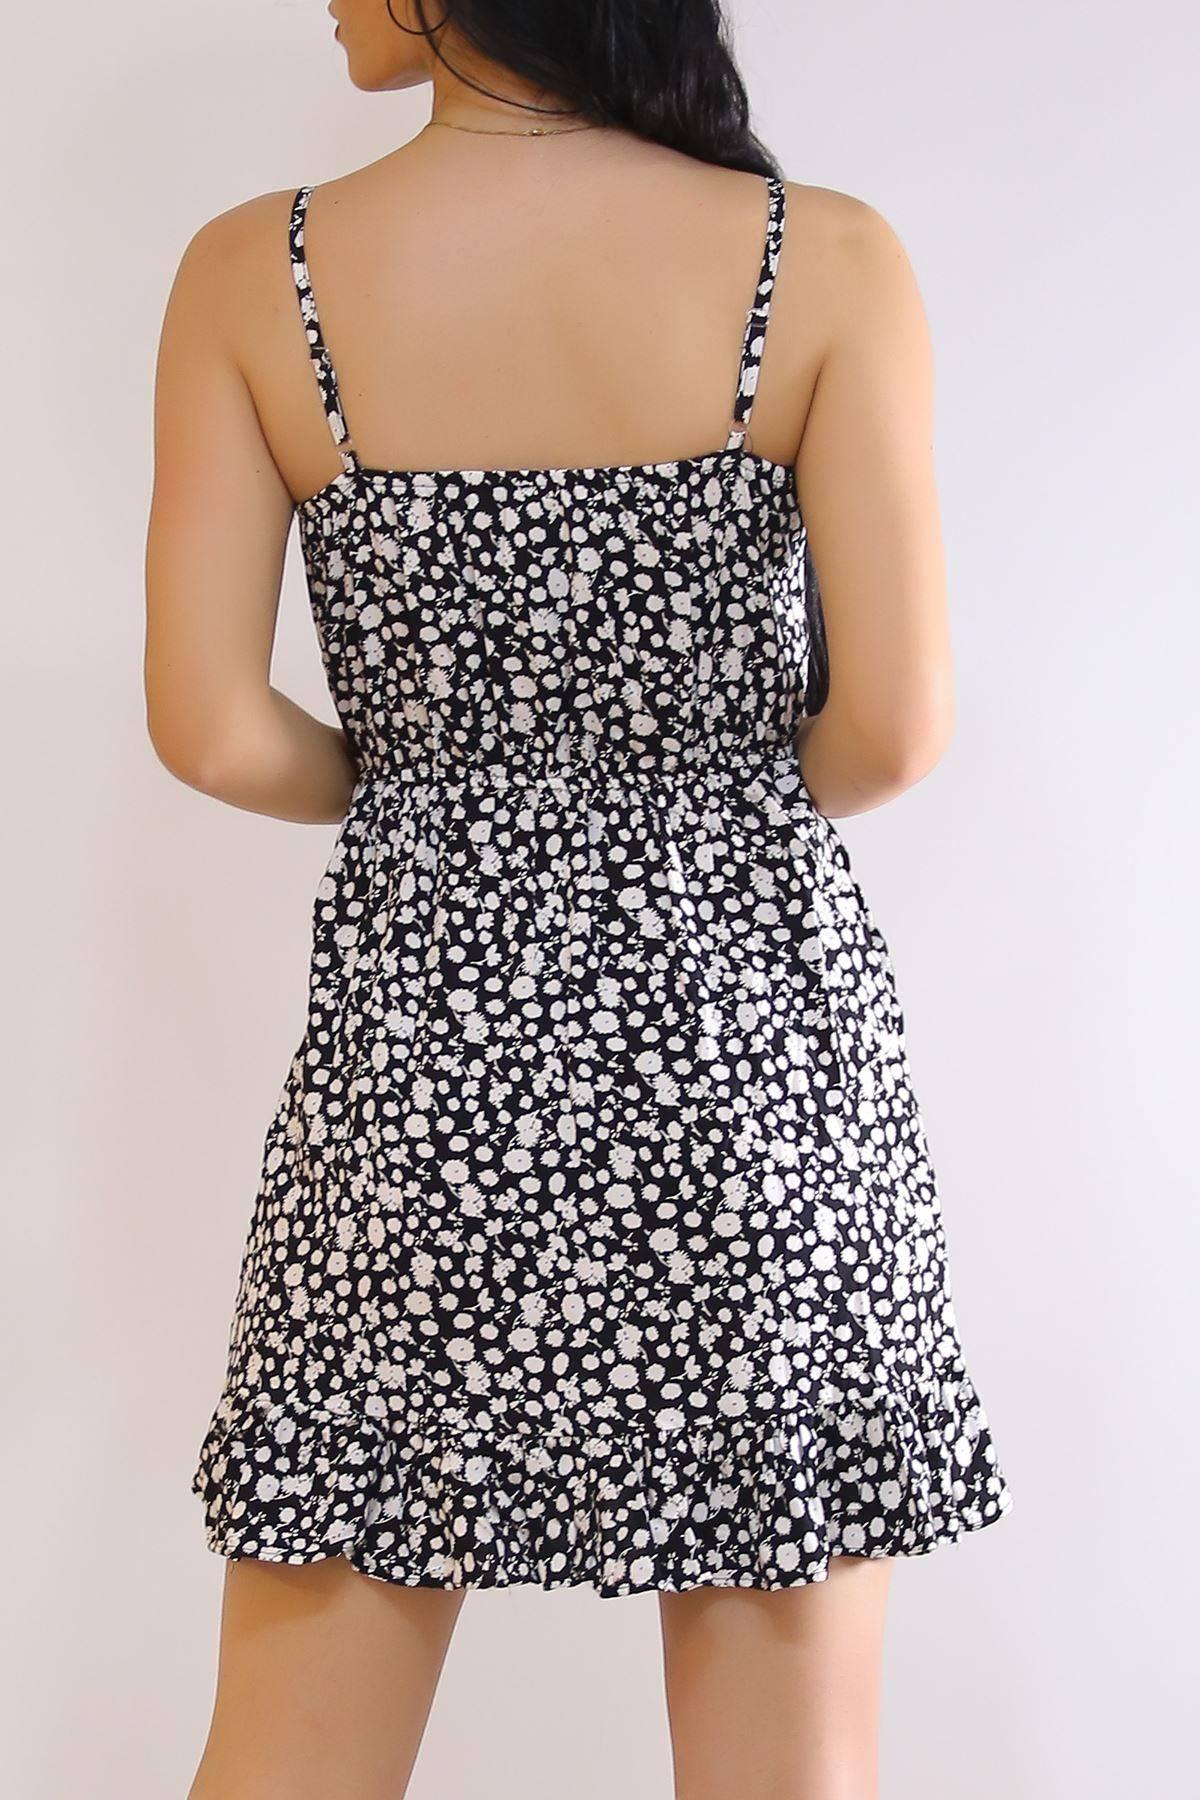 İp Askılı Elbise Beyazsiyah - 21160.101.